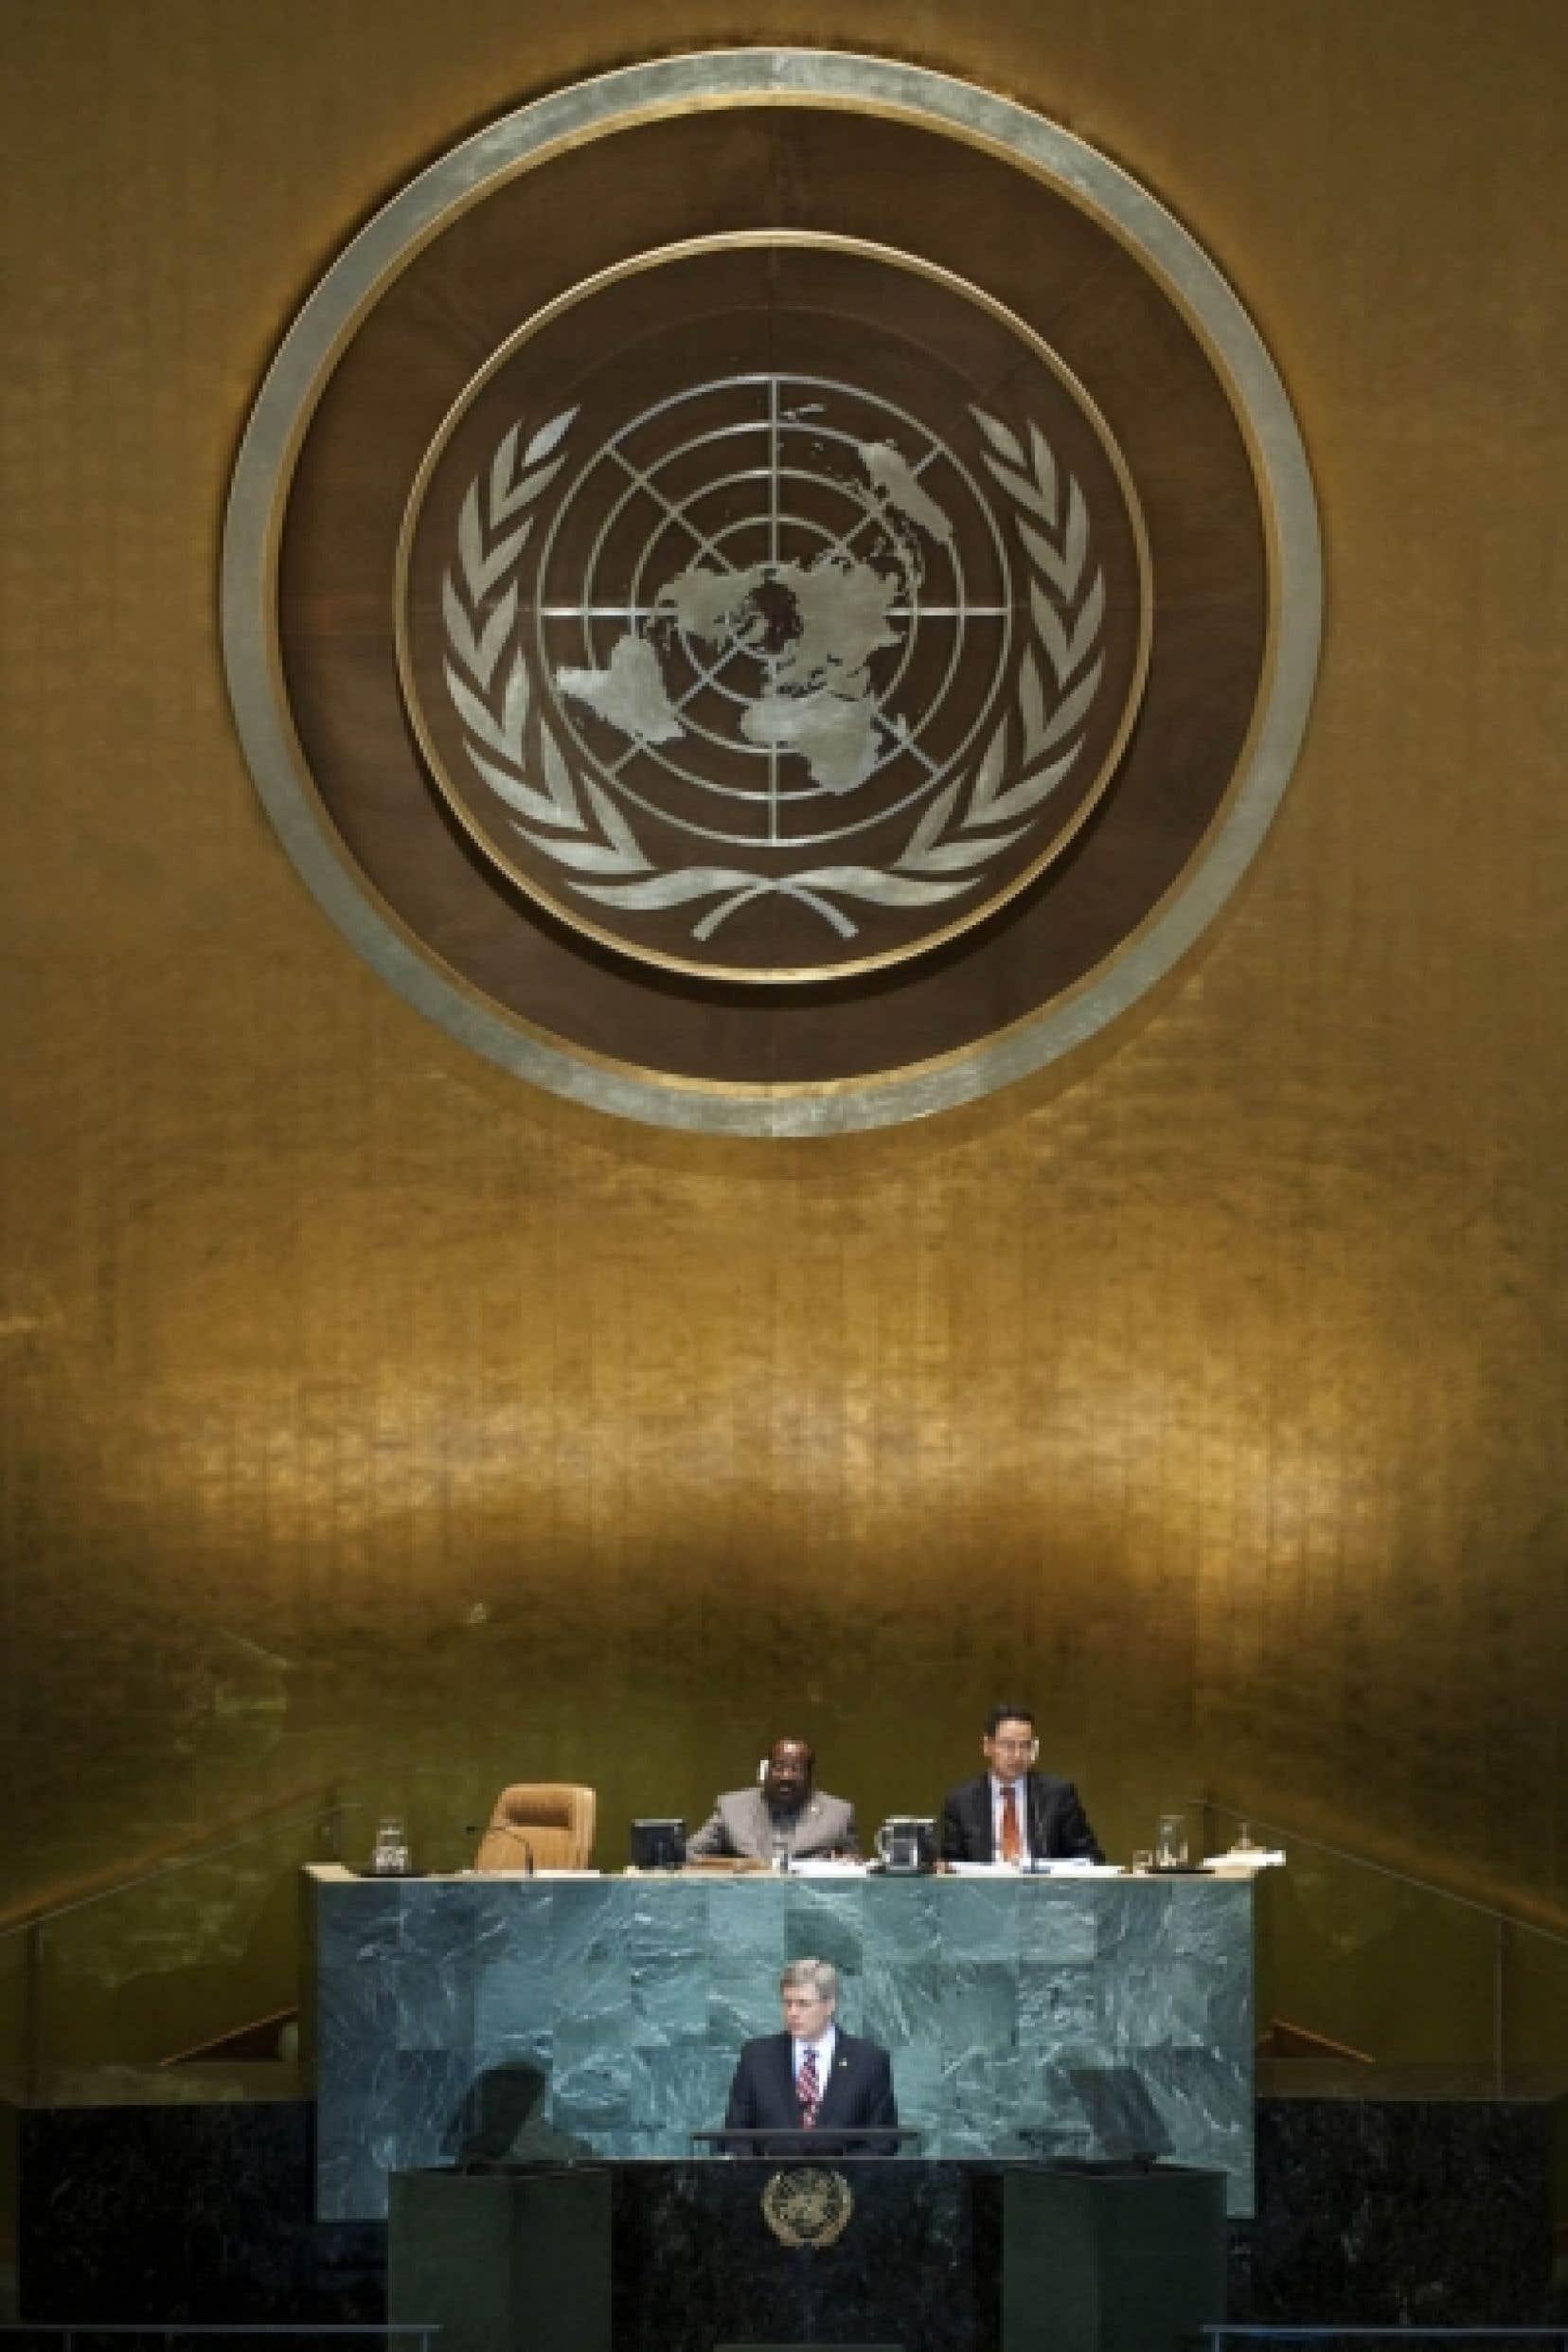 «Cette assemblée devrait savoir que le Canada est éligible au Conseil de sécurité. Si nous sommes élus, nous serons prêts à servir», a déclaré hier Stephen Harper à l'ONU.<br />